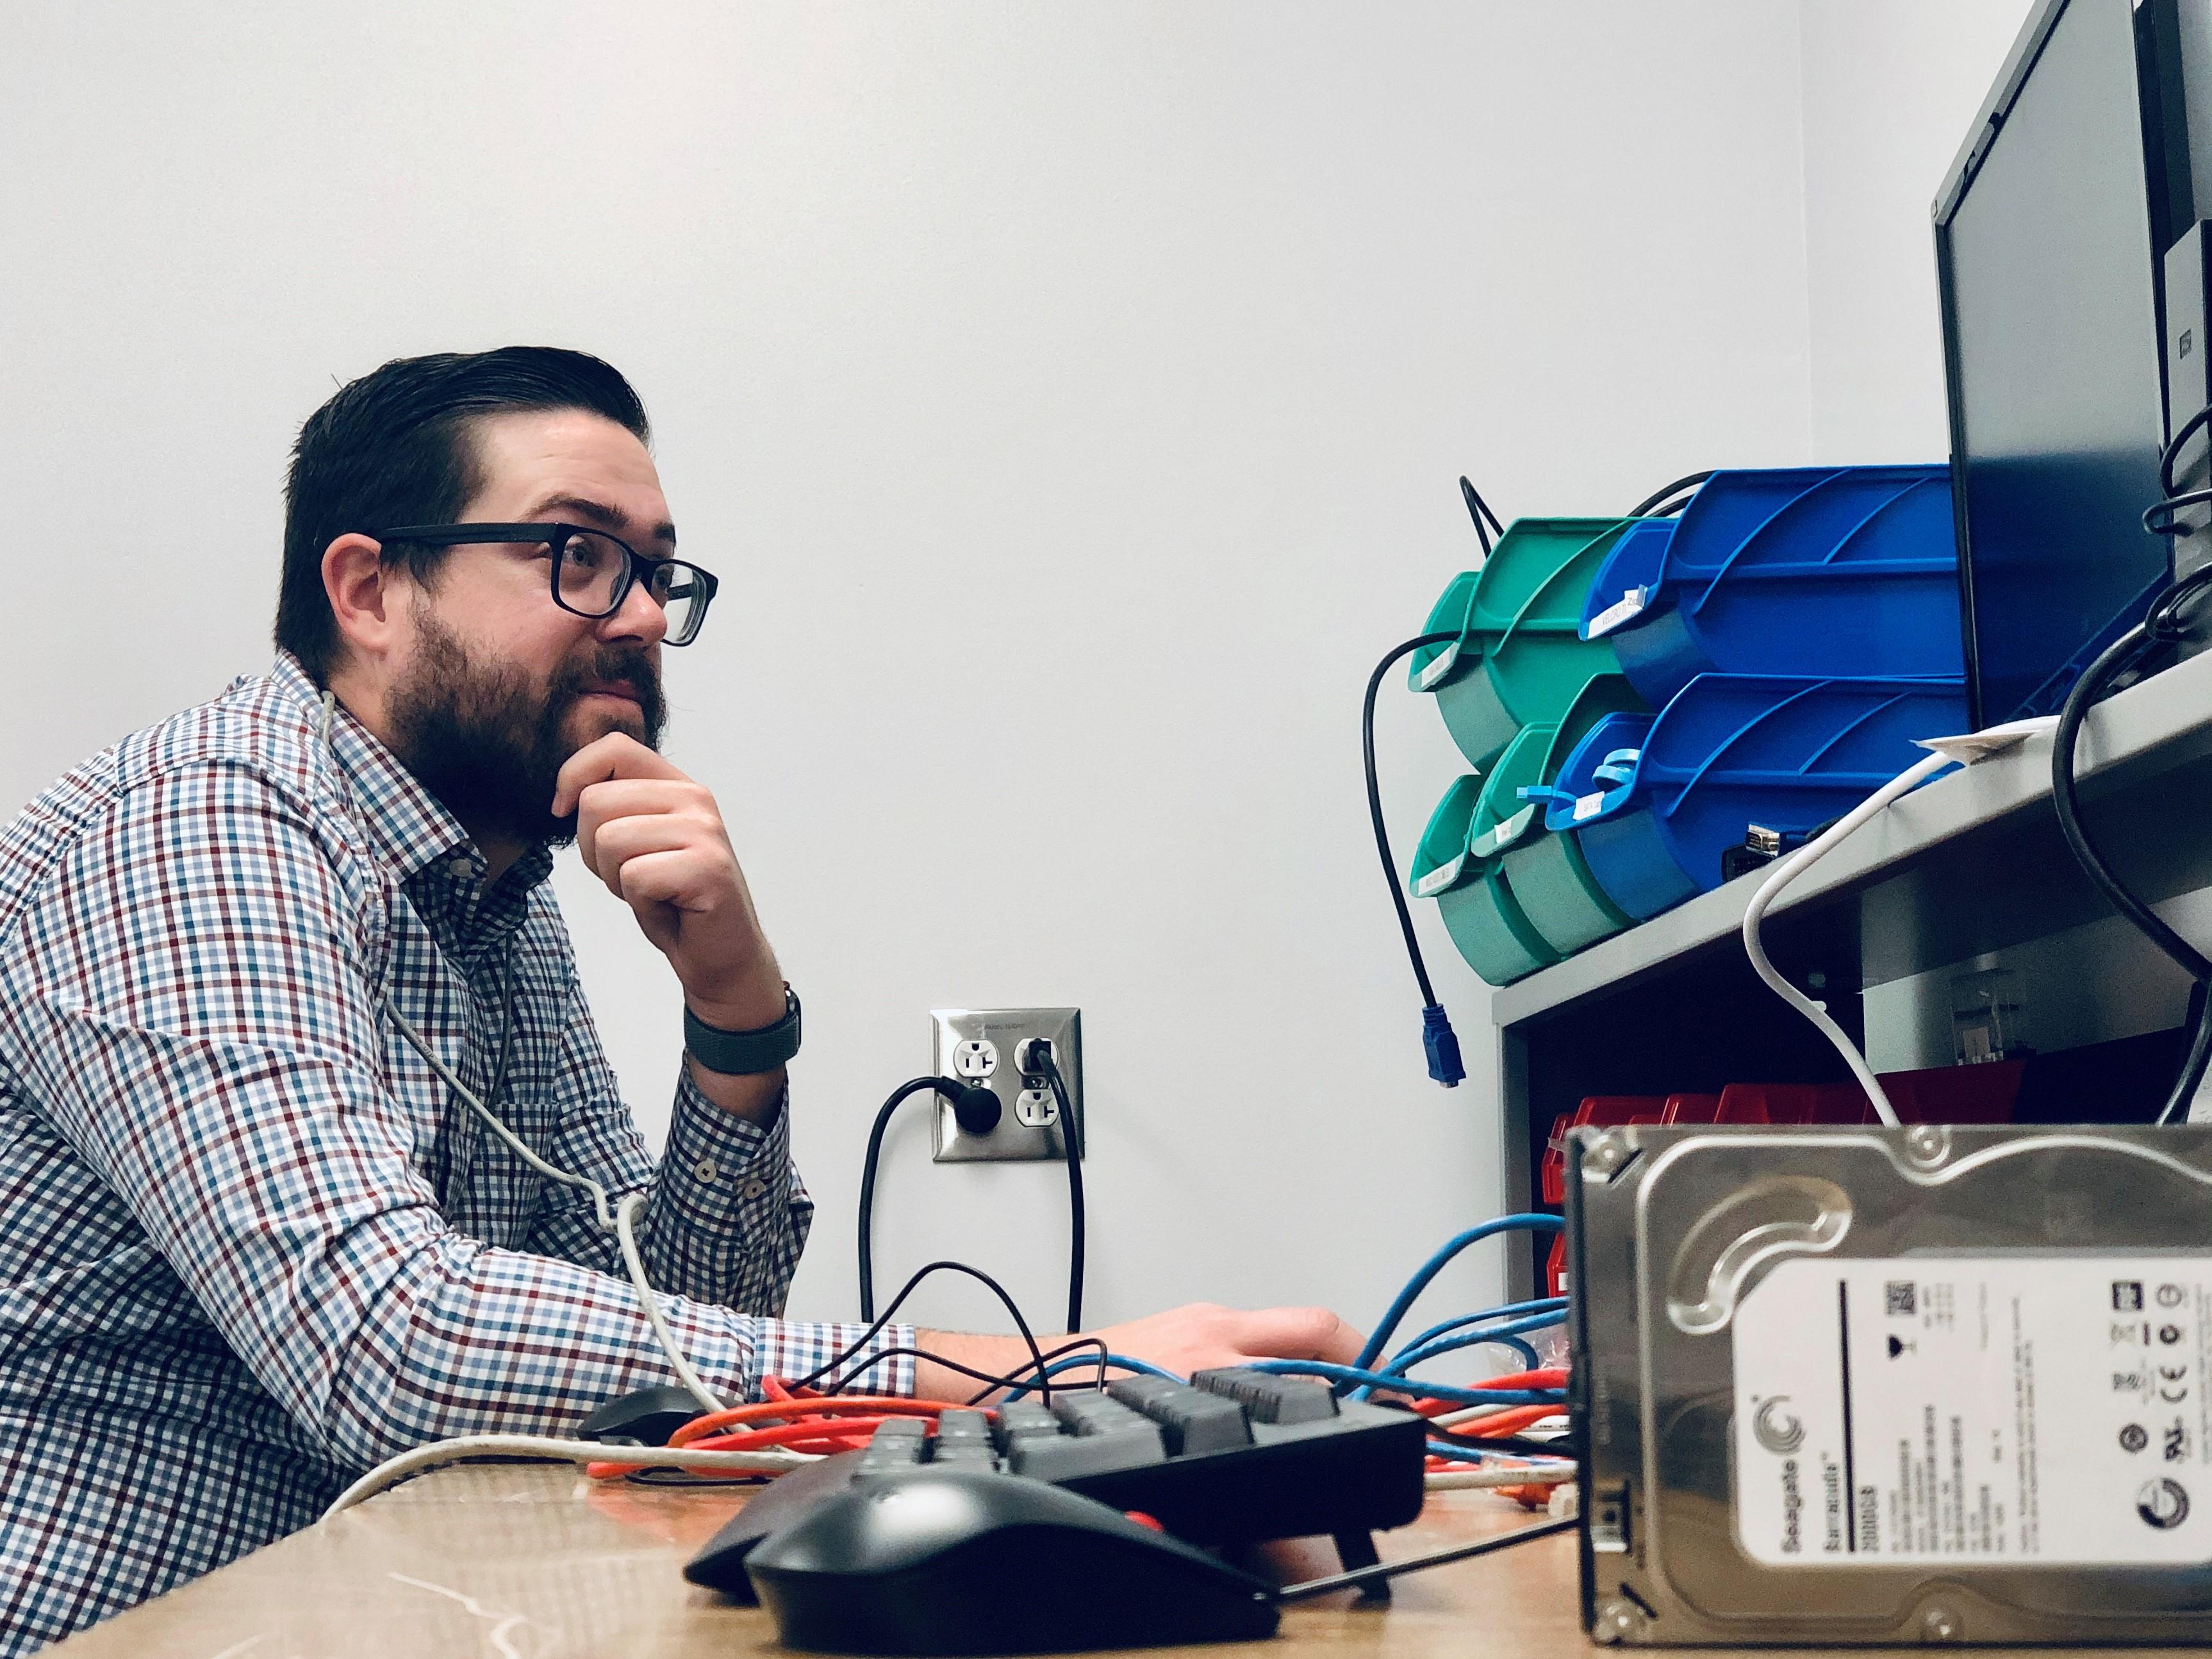 Man working on a desktop computer